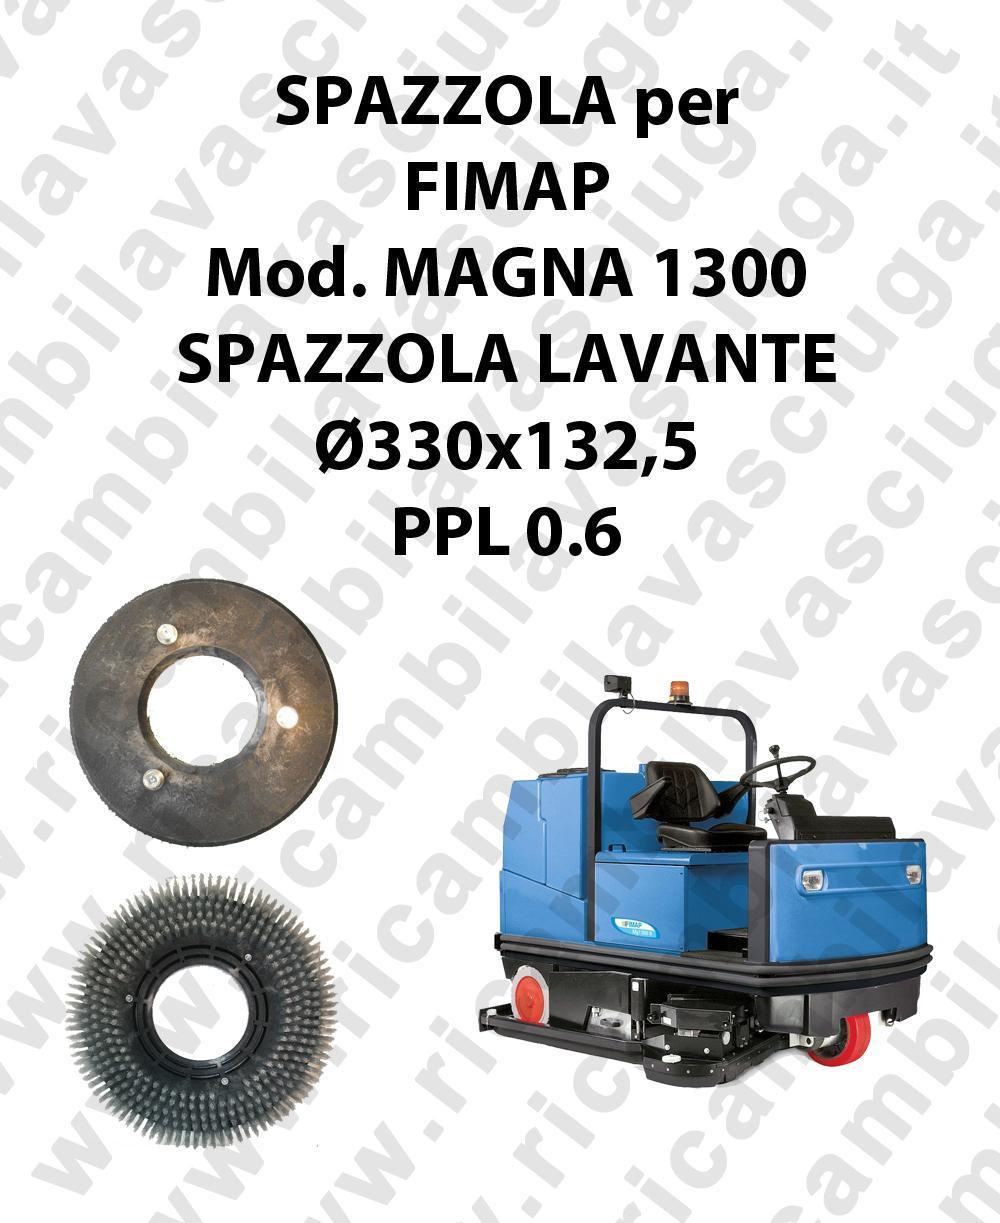 MAGNA 1300 Reinigung der Bürste Bürsten für scheuersaugmaschinen FIMAP